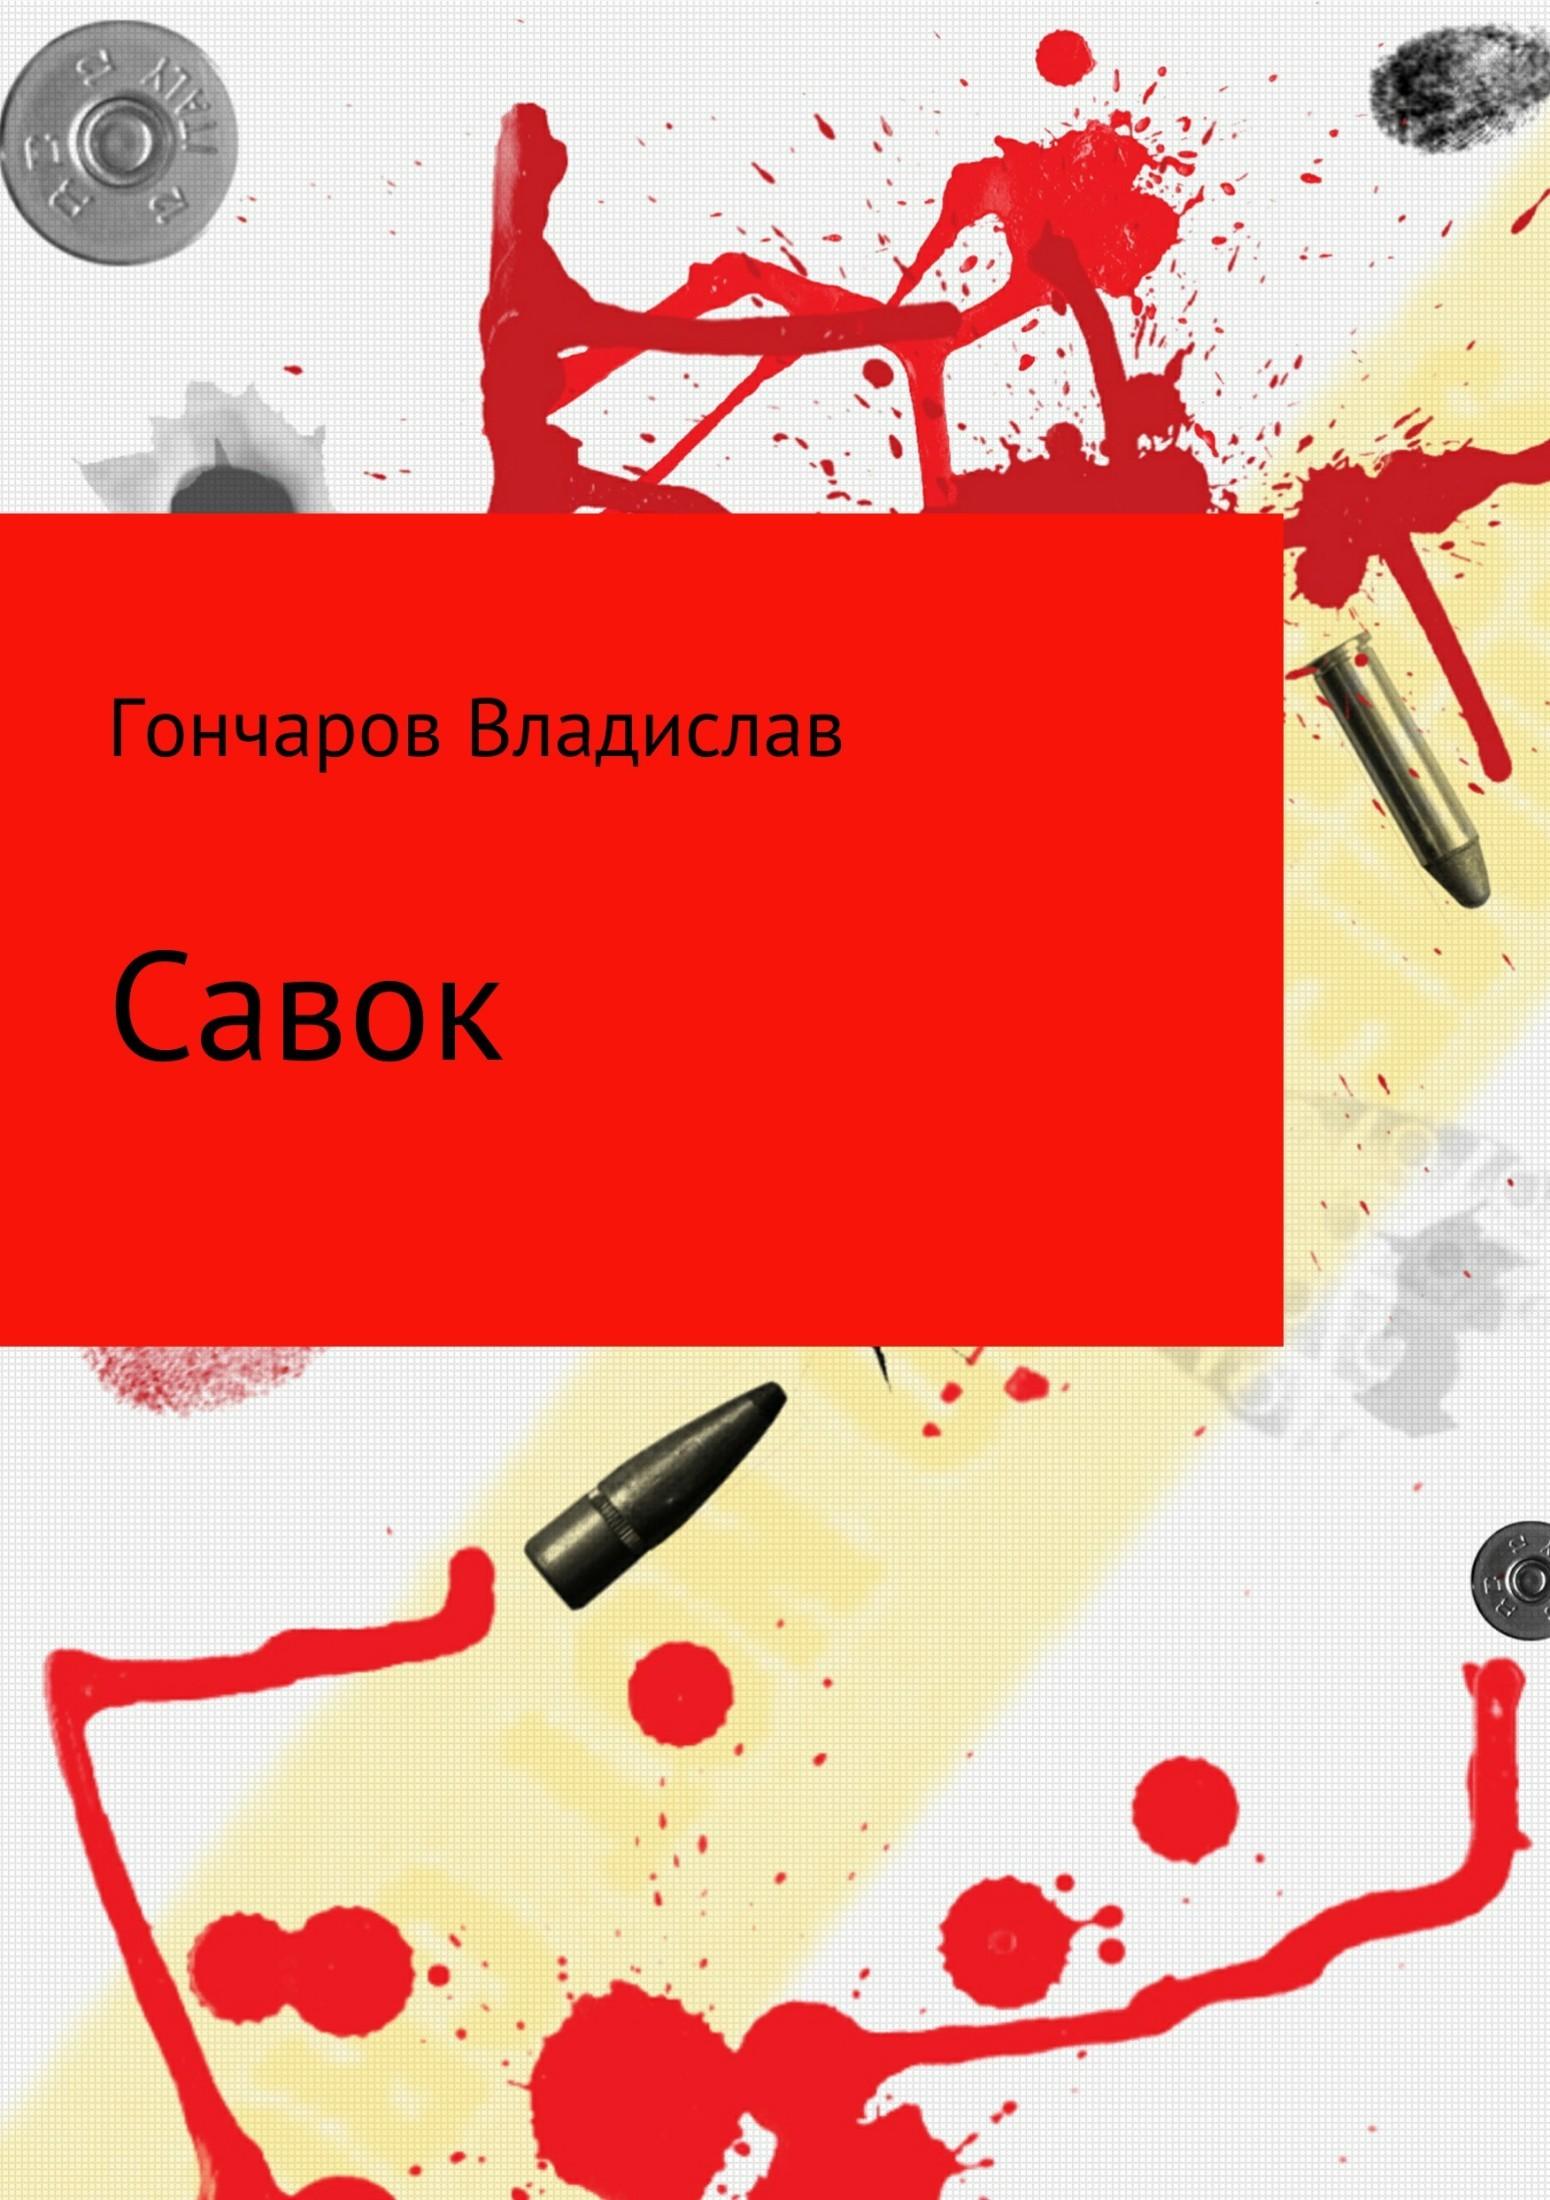 Владислав Владимирович Гончаров Савок артемов владислав владимирович художники и архитекторы